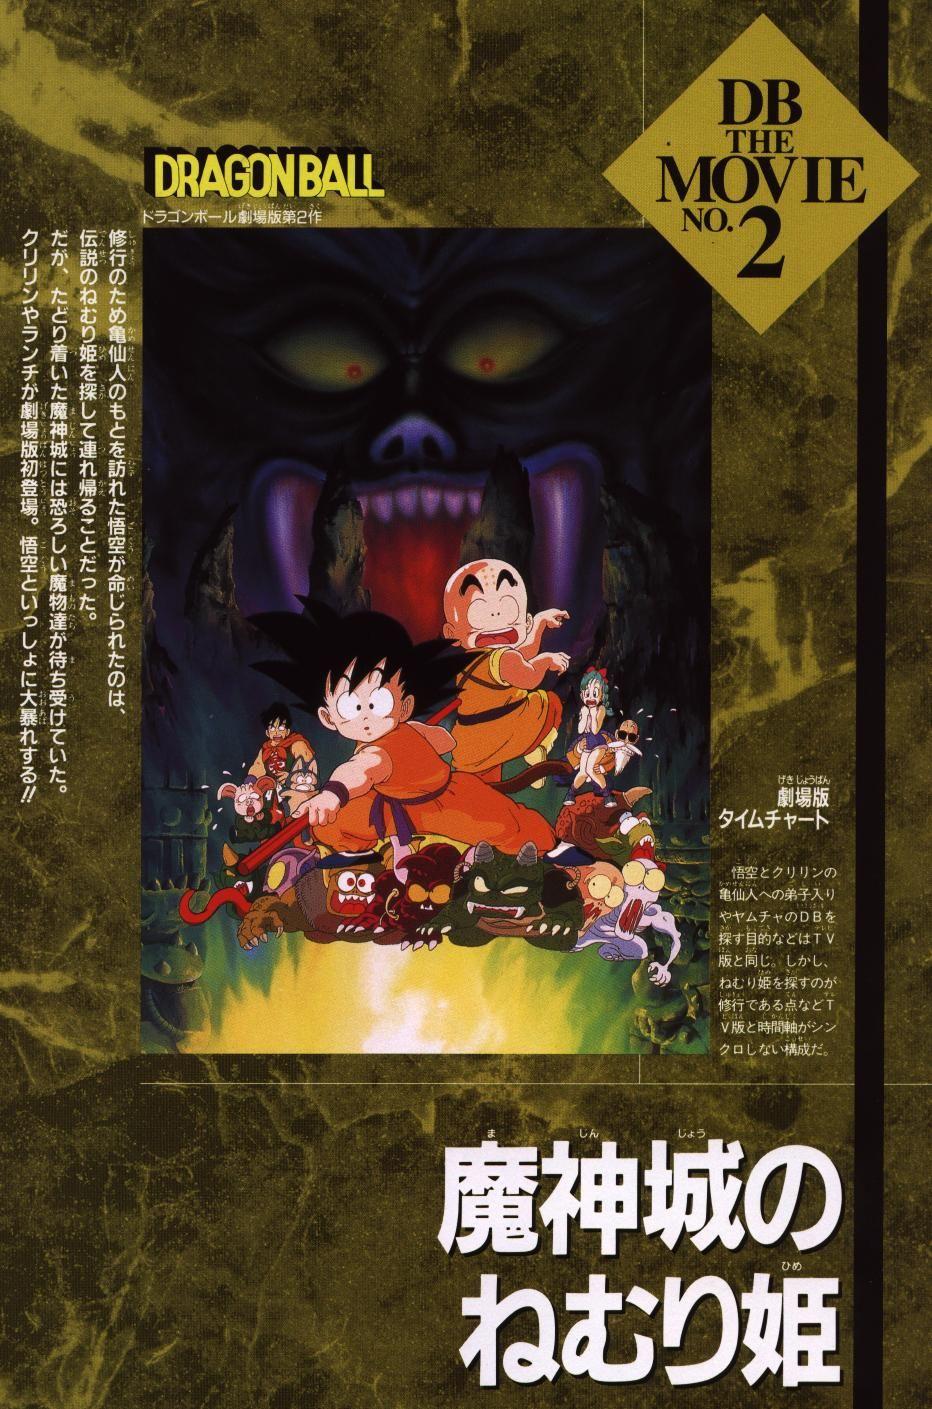 Movie 2 La Princesa Durmiente En El Castillo Embrujado Dragones Dragon Ball Películas Completas